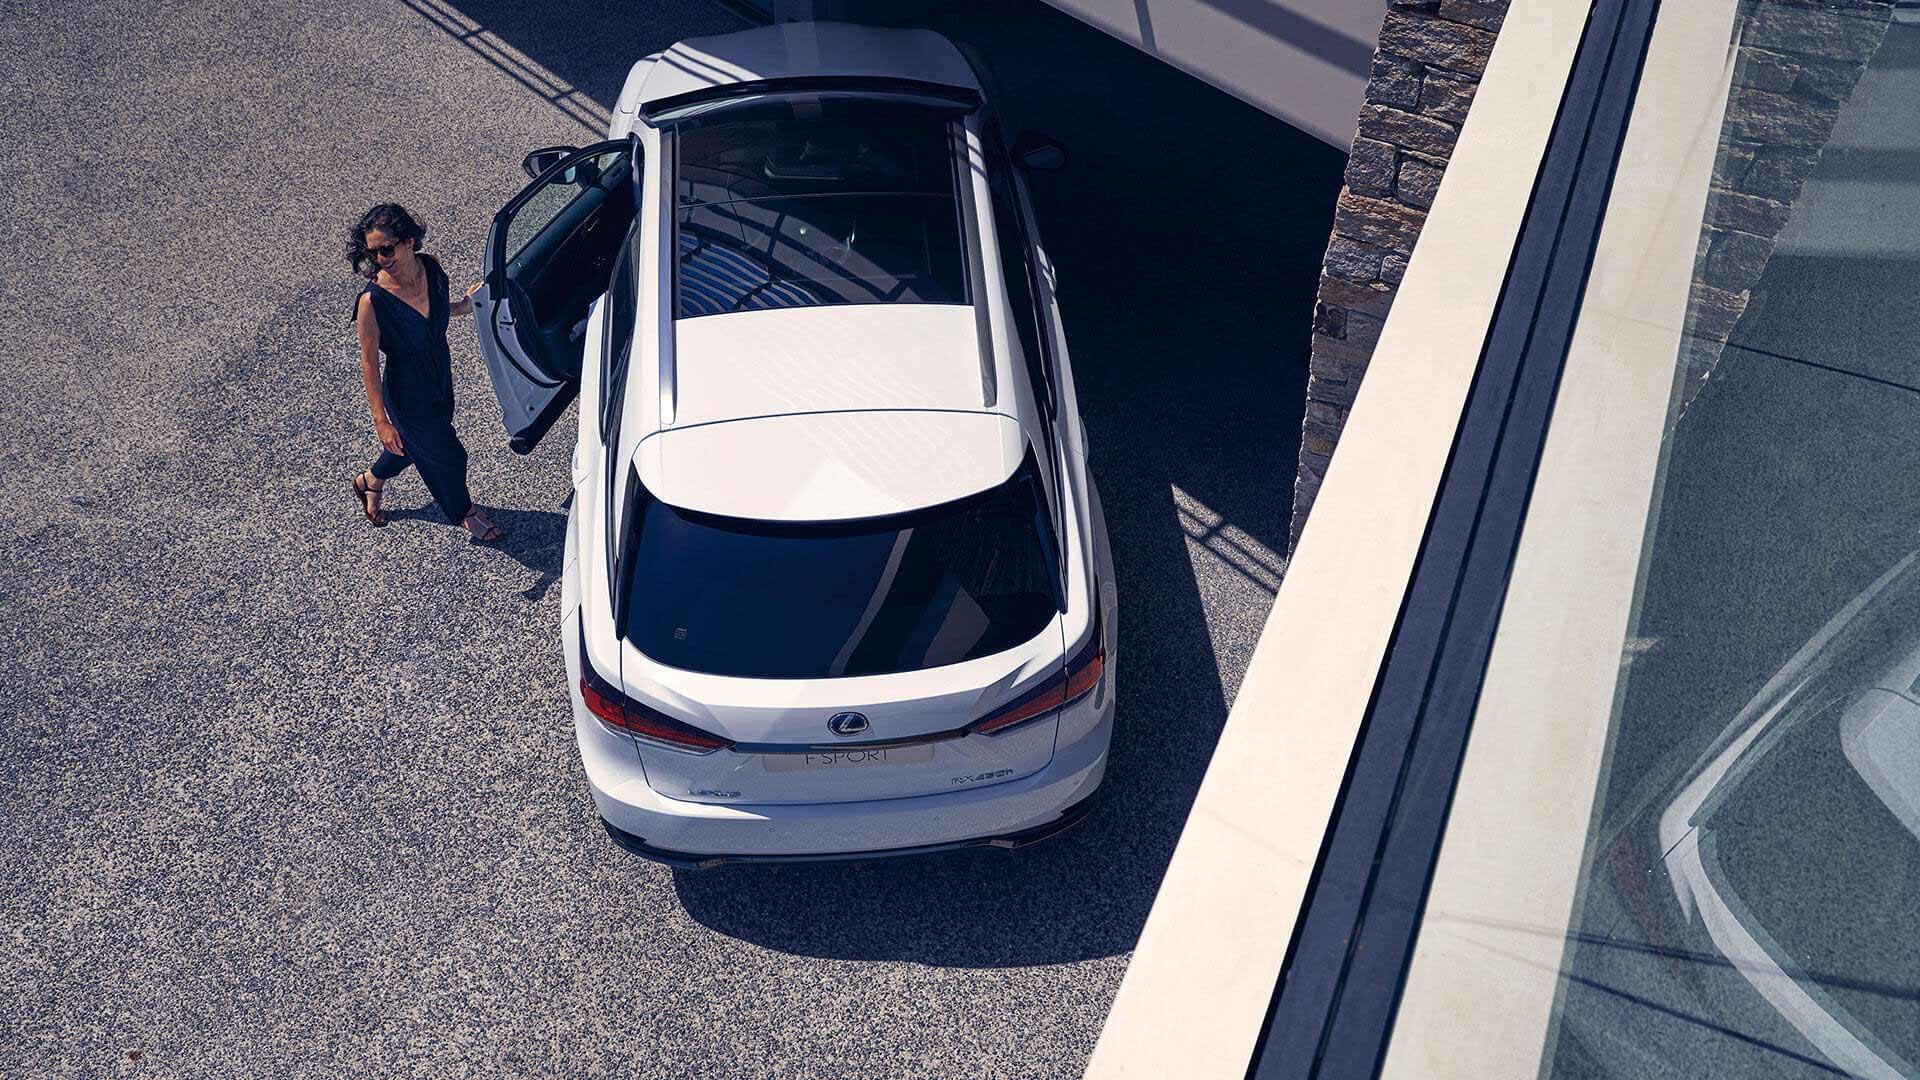 Lexus RX 450h Hybrid 2019 in weiß